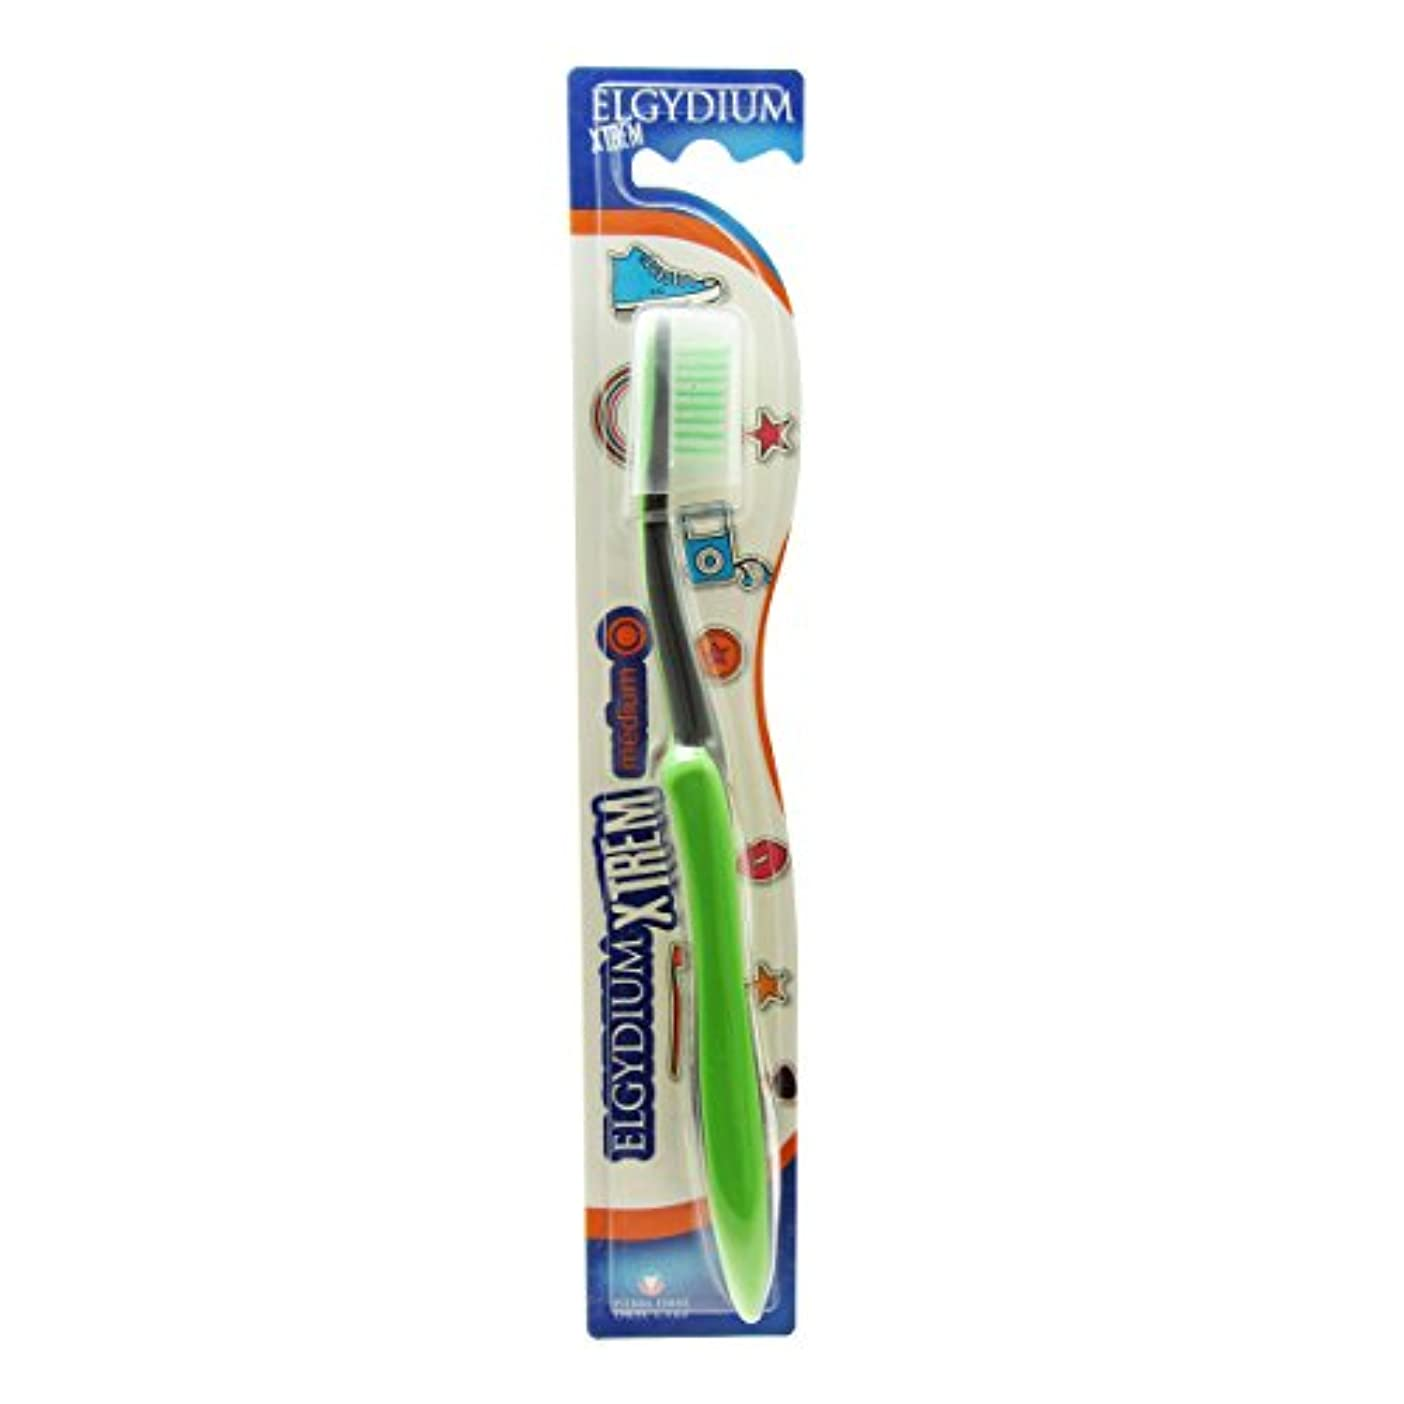 女性ダッシュ民間人Elgydium Xtrem Toothbrush Medium Hardness [並行輸入品]